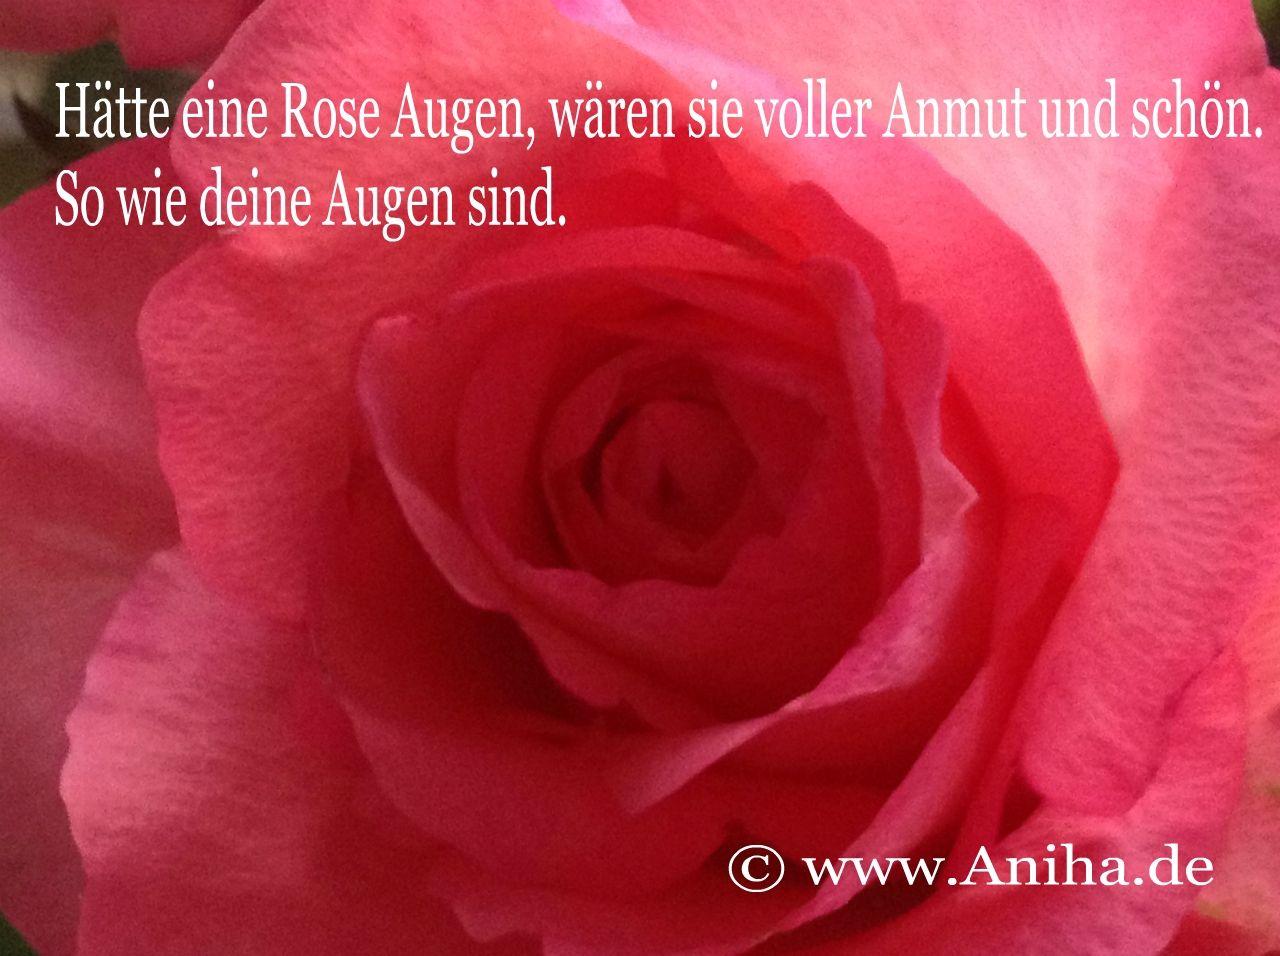 Deine Augen sind schön.    www.Aniha.de